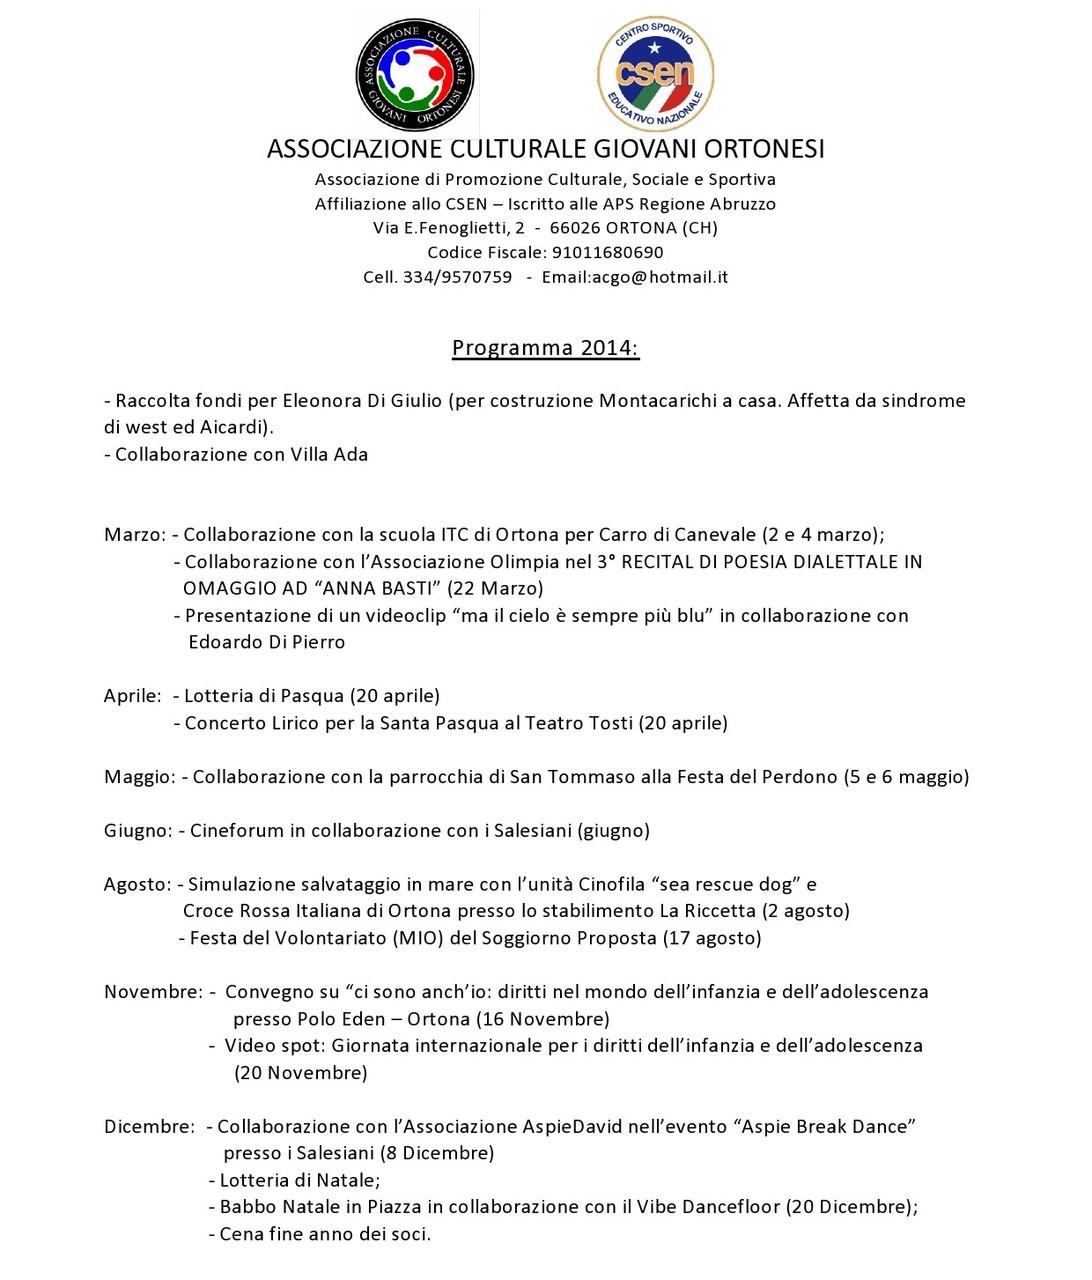 Programma svolto - ACGO